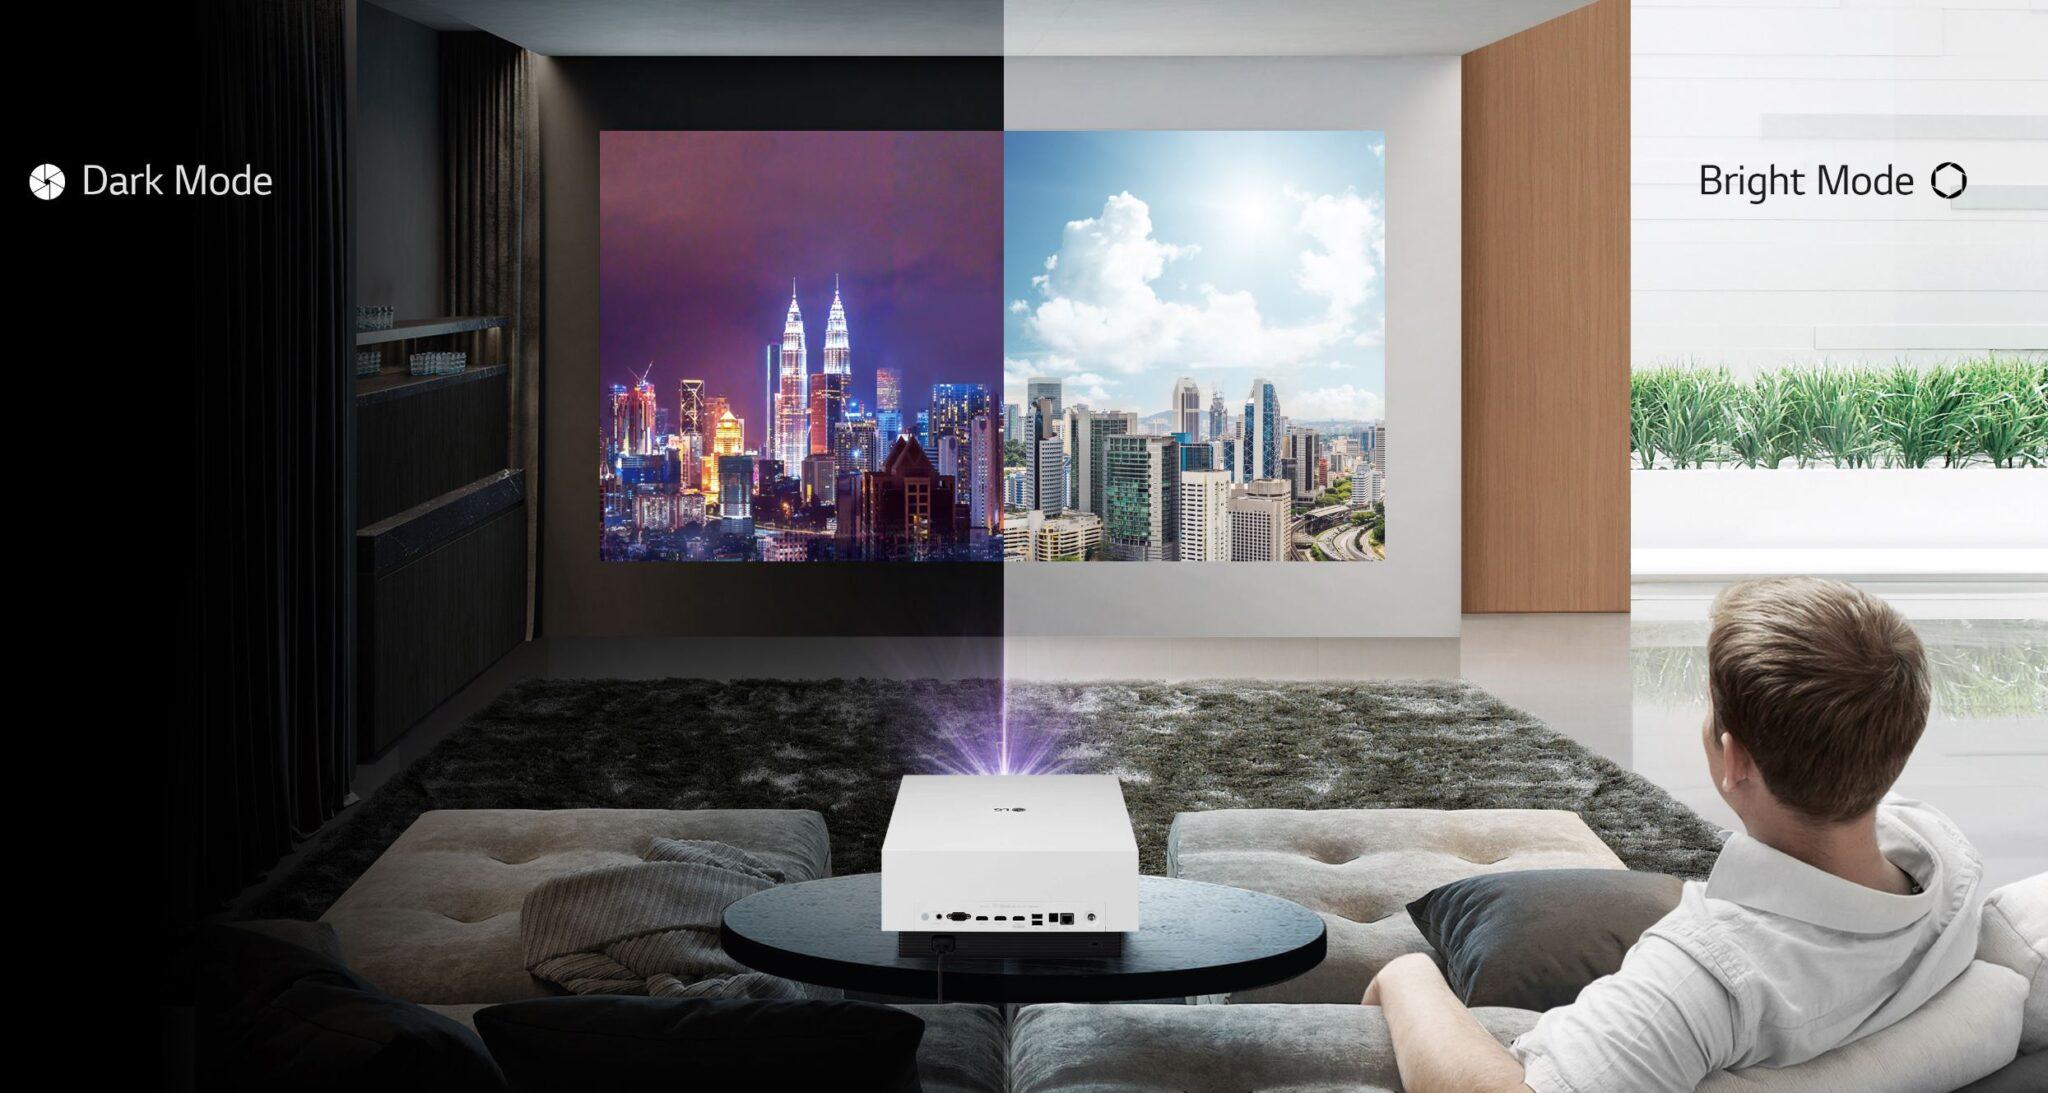 Il proiettore laser LG CineBeam 4K Uhd per l'home cinema